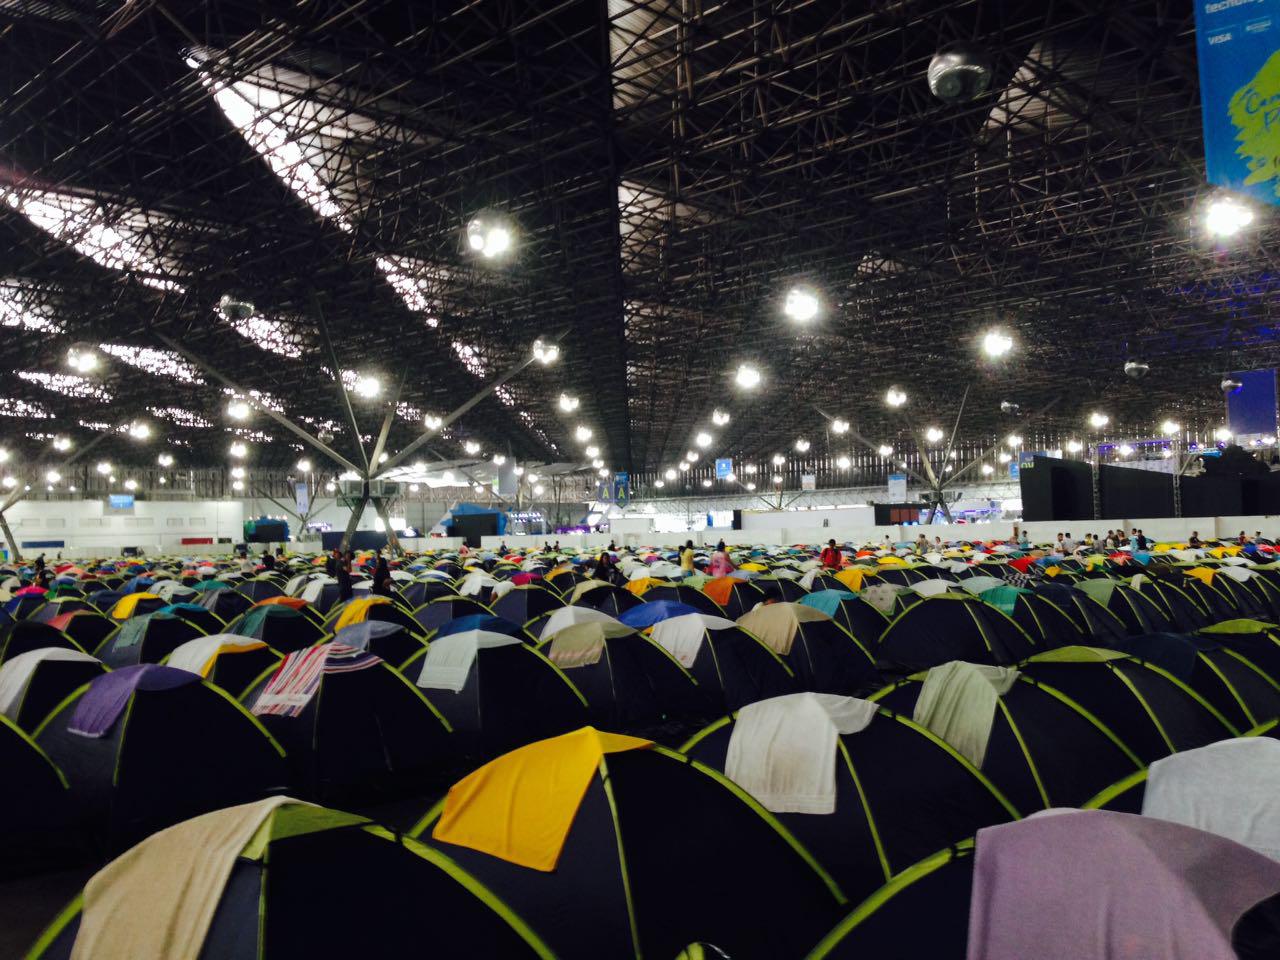 Acampamento: 1,1 mil pessoas